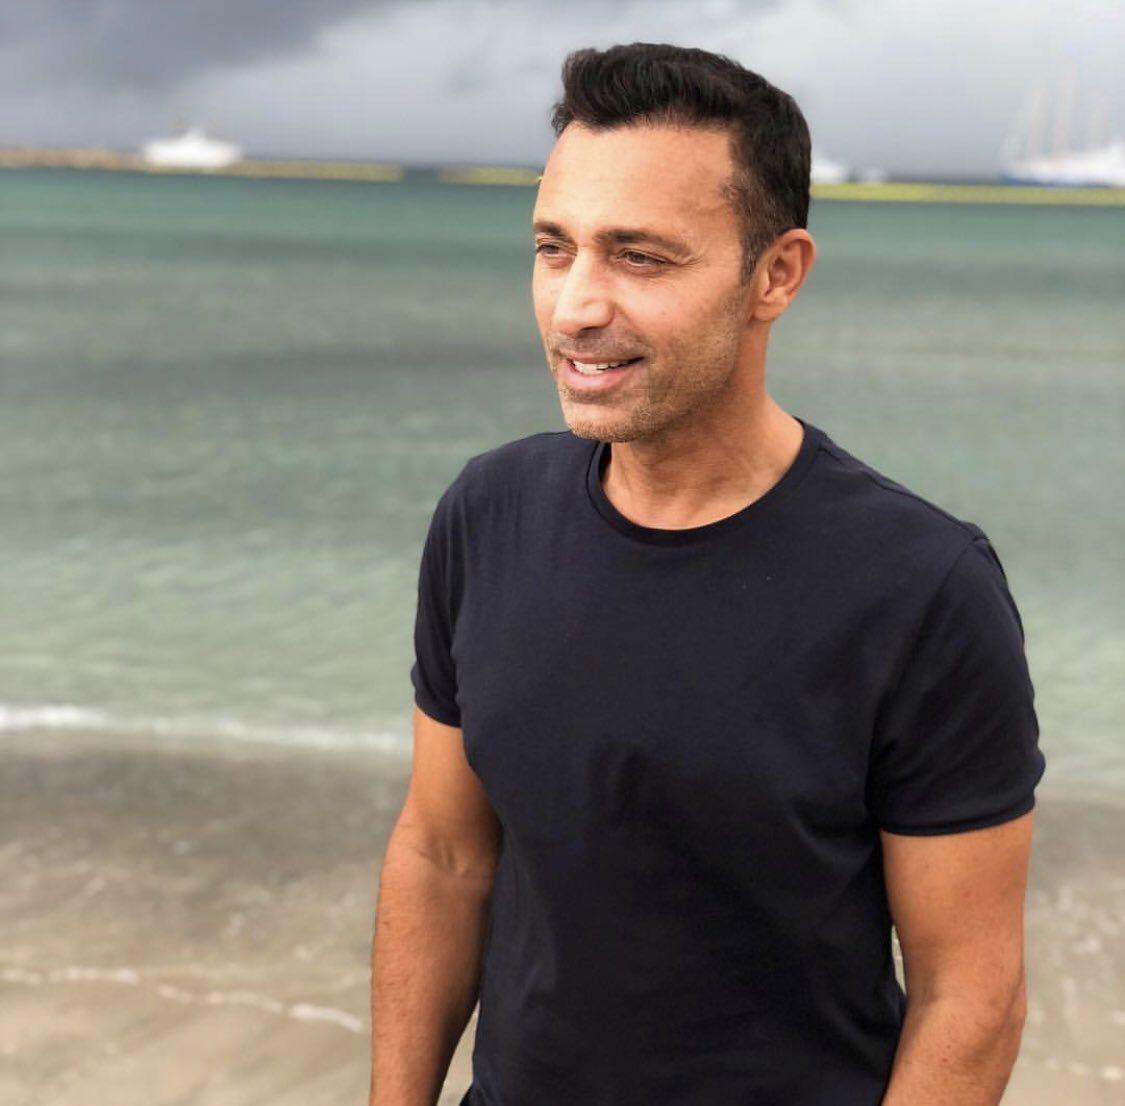 Mustafa Sandal eski eşi Emina Jahovic ile pozunu önce paylaştı sonra sildi